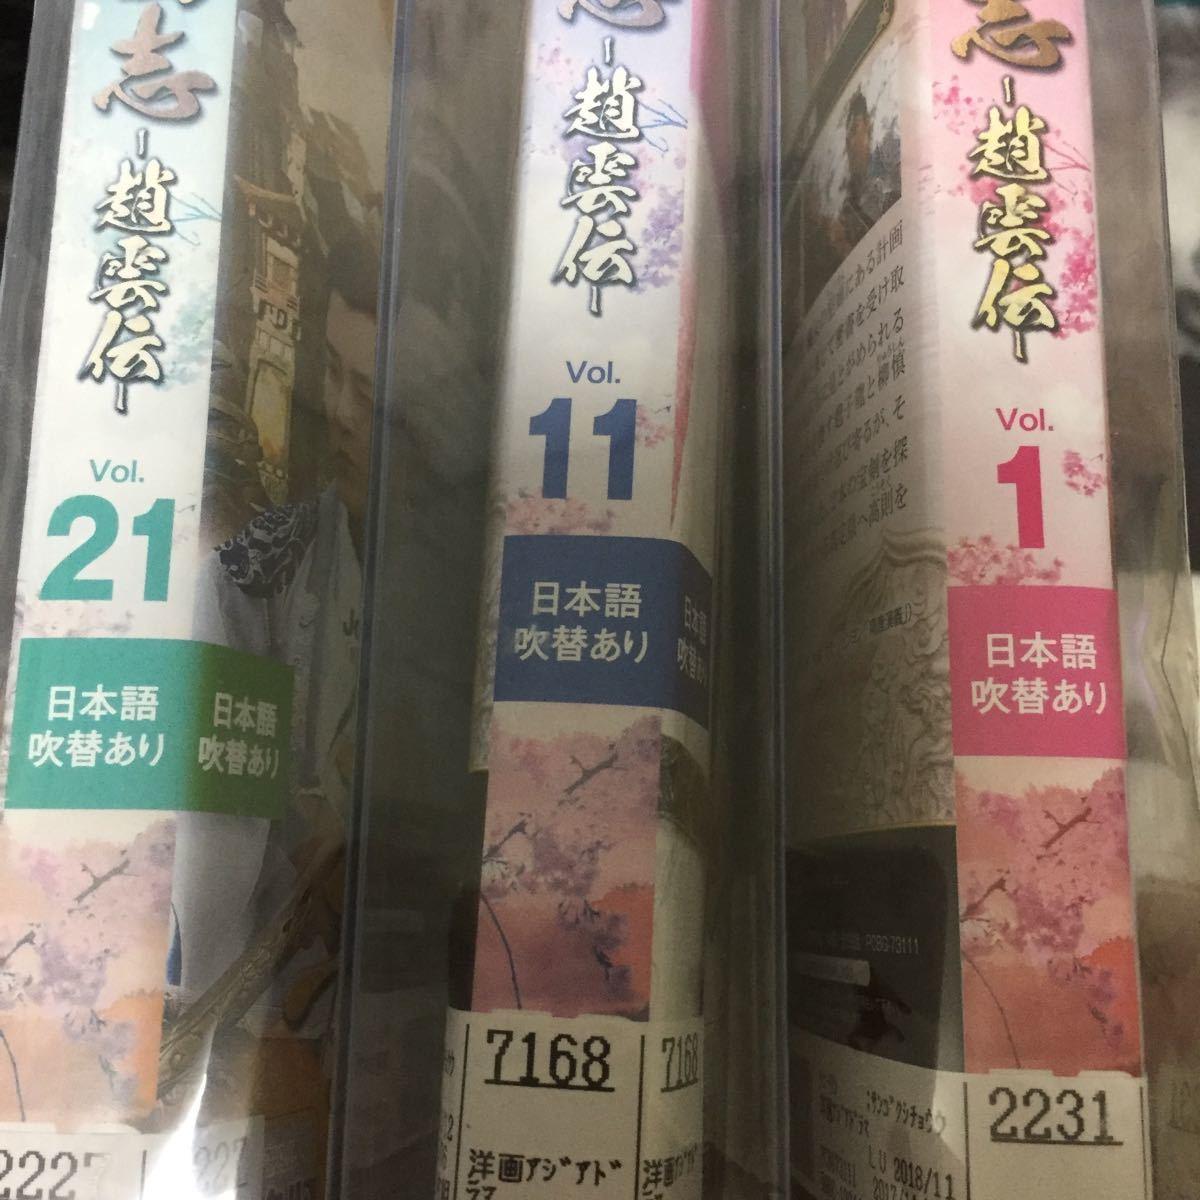 中国ドラマ 三国志趙雲伝 DVD全話全30巻 日本語吹き替えと字幕あります(激安ブルーレイドラマ希望の方はお問い合わせください。)